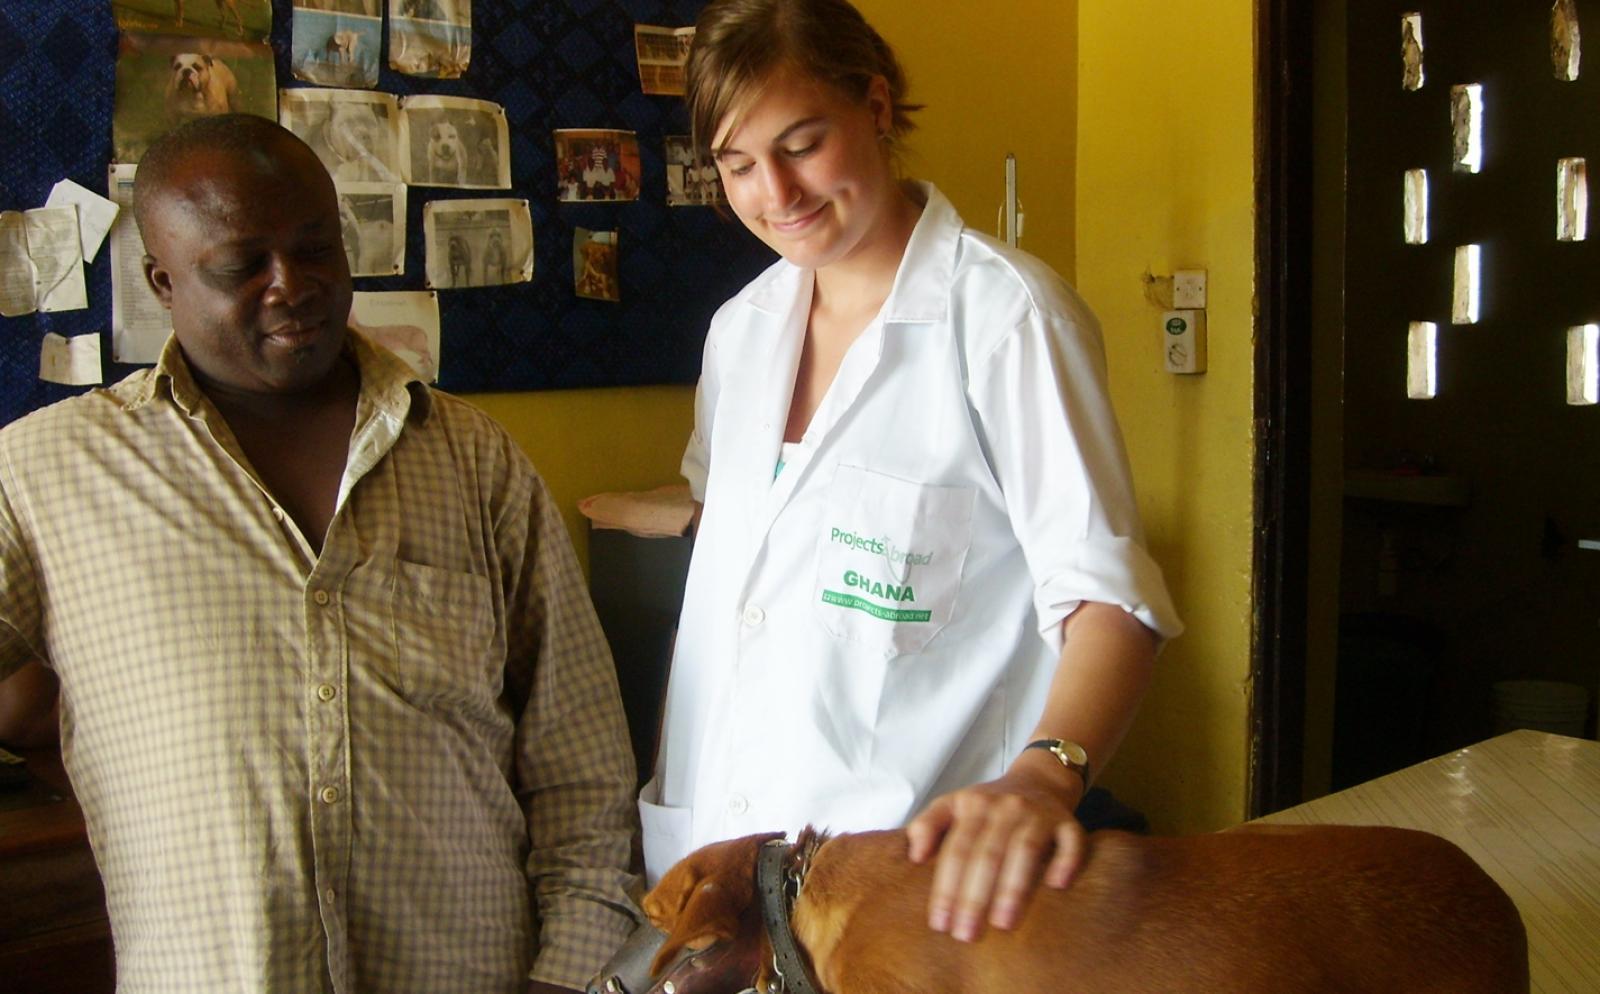 ガーナで獣医療活動に取り組むインターン